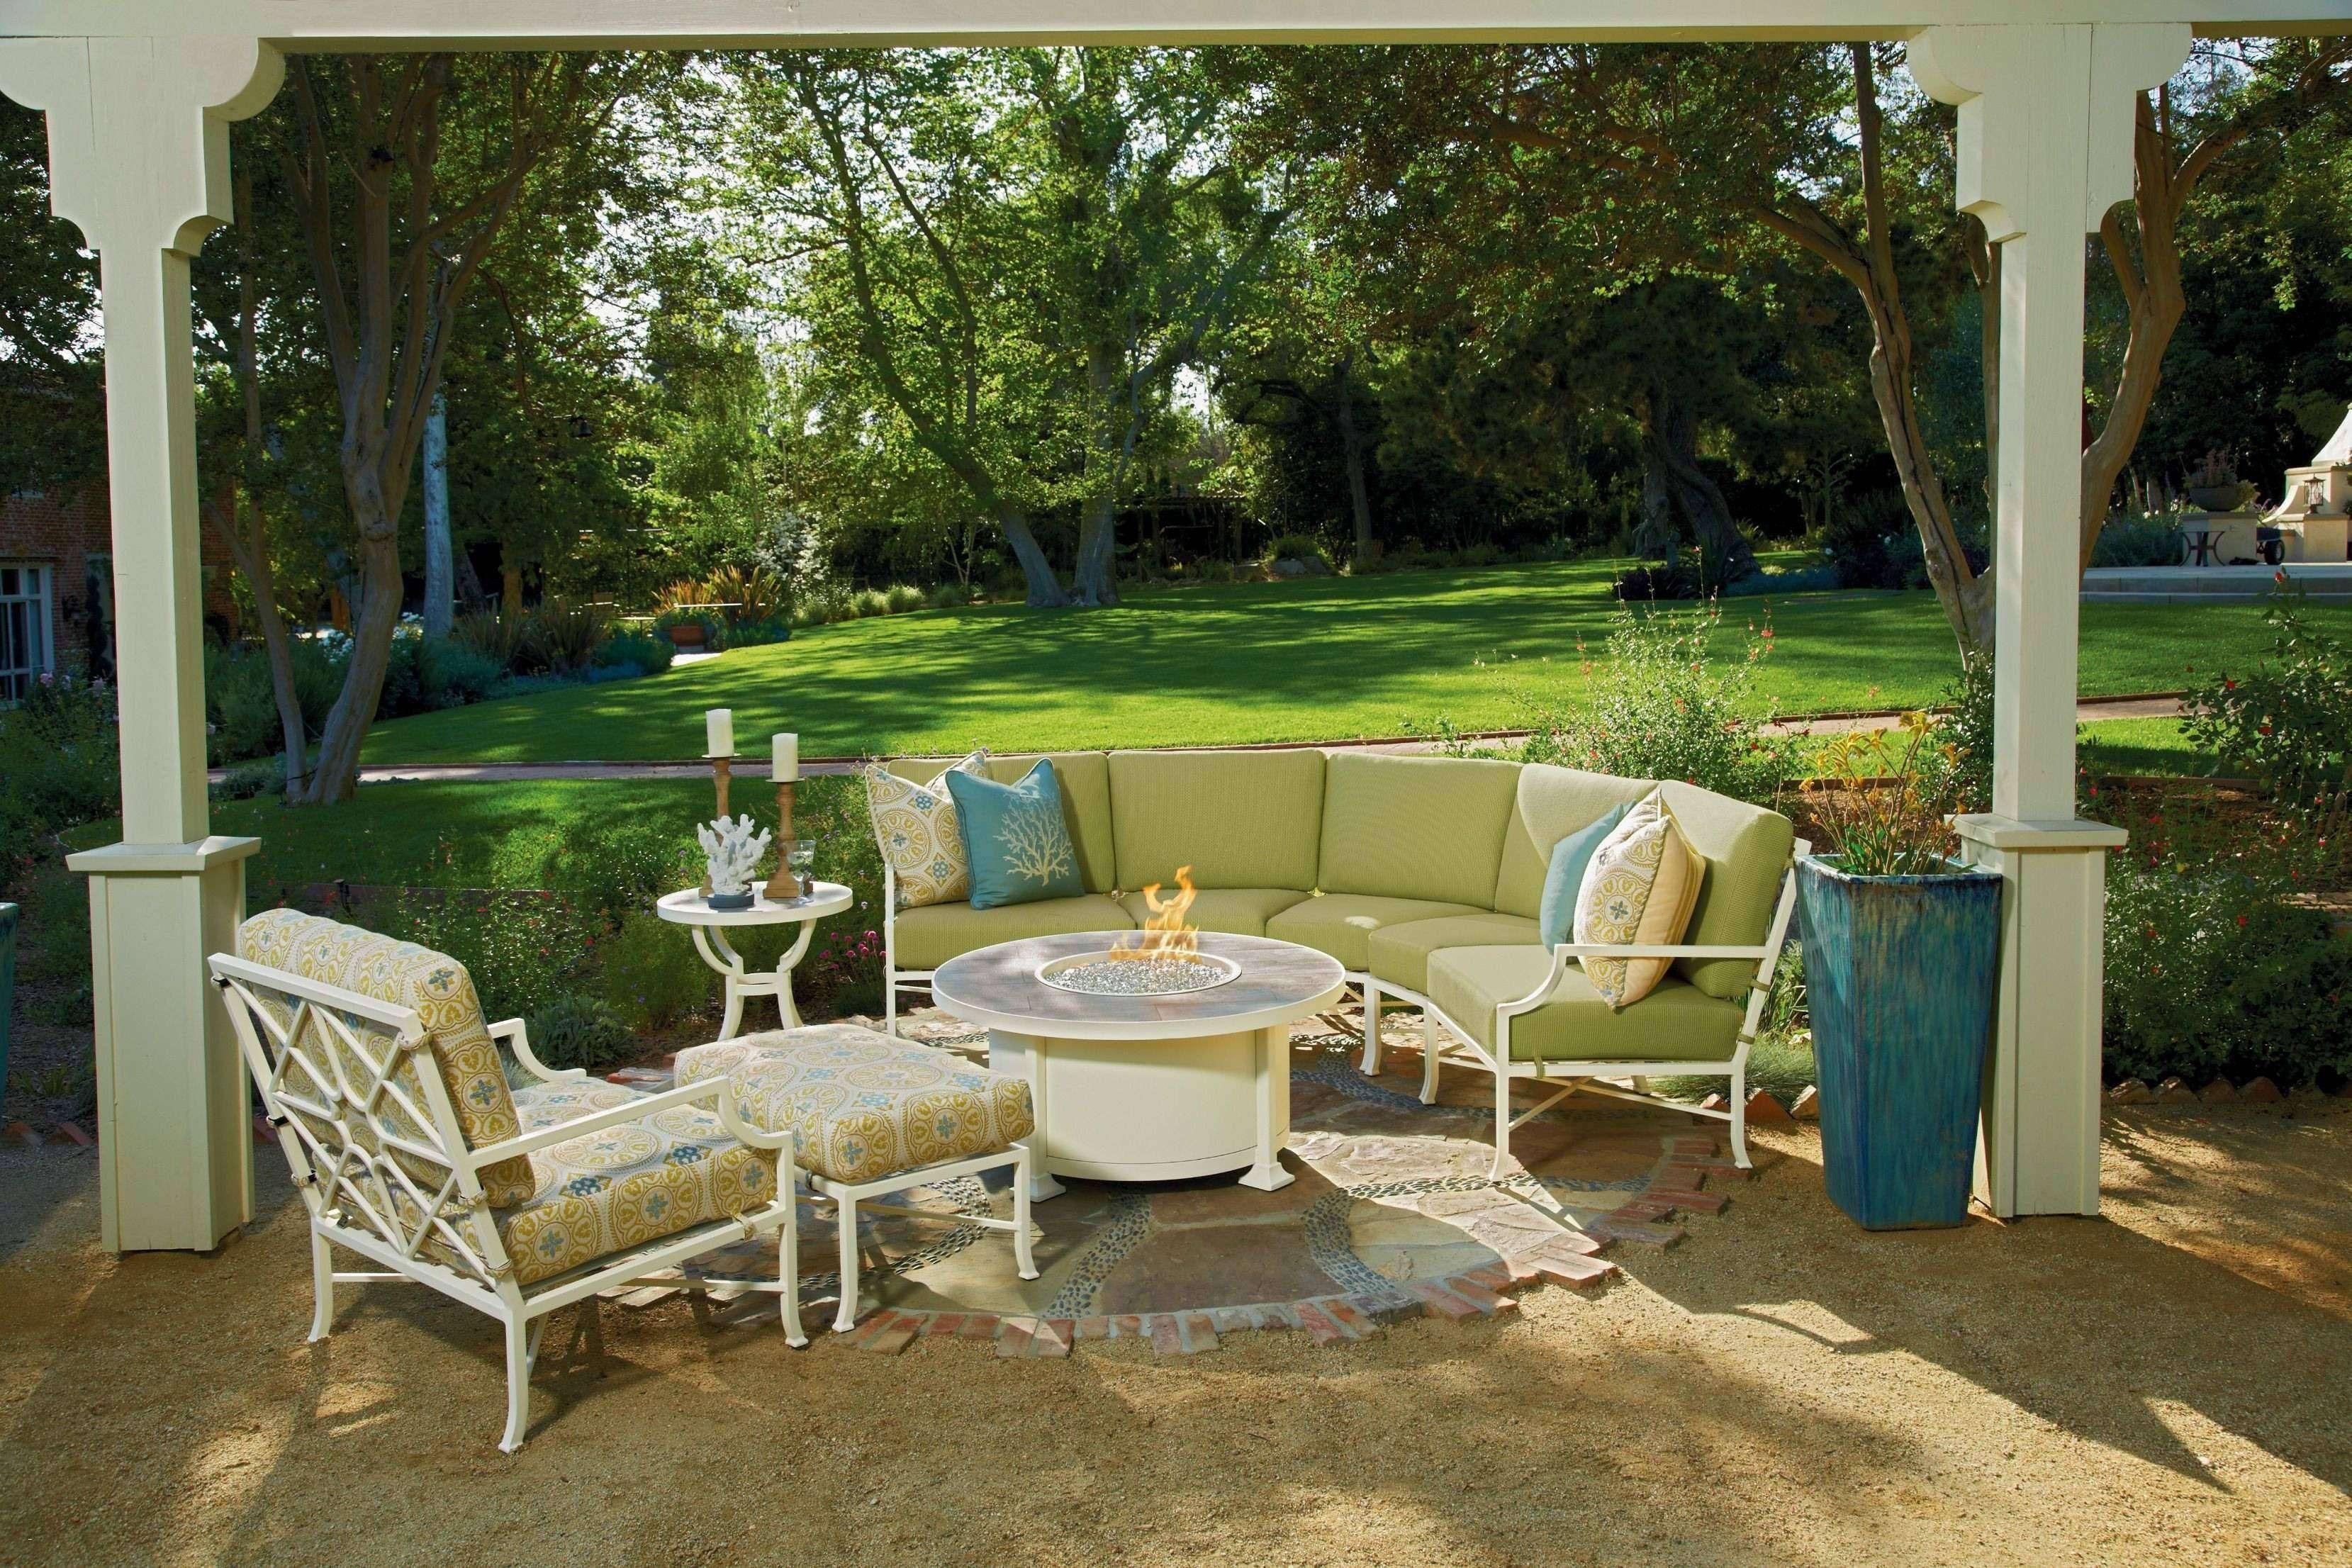 Formidable Cheap No Grass Backyard Ideas, Grass is ... on Cheap Backyard Ideas No Grass  id=42208